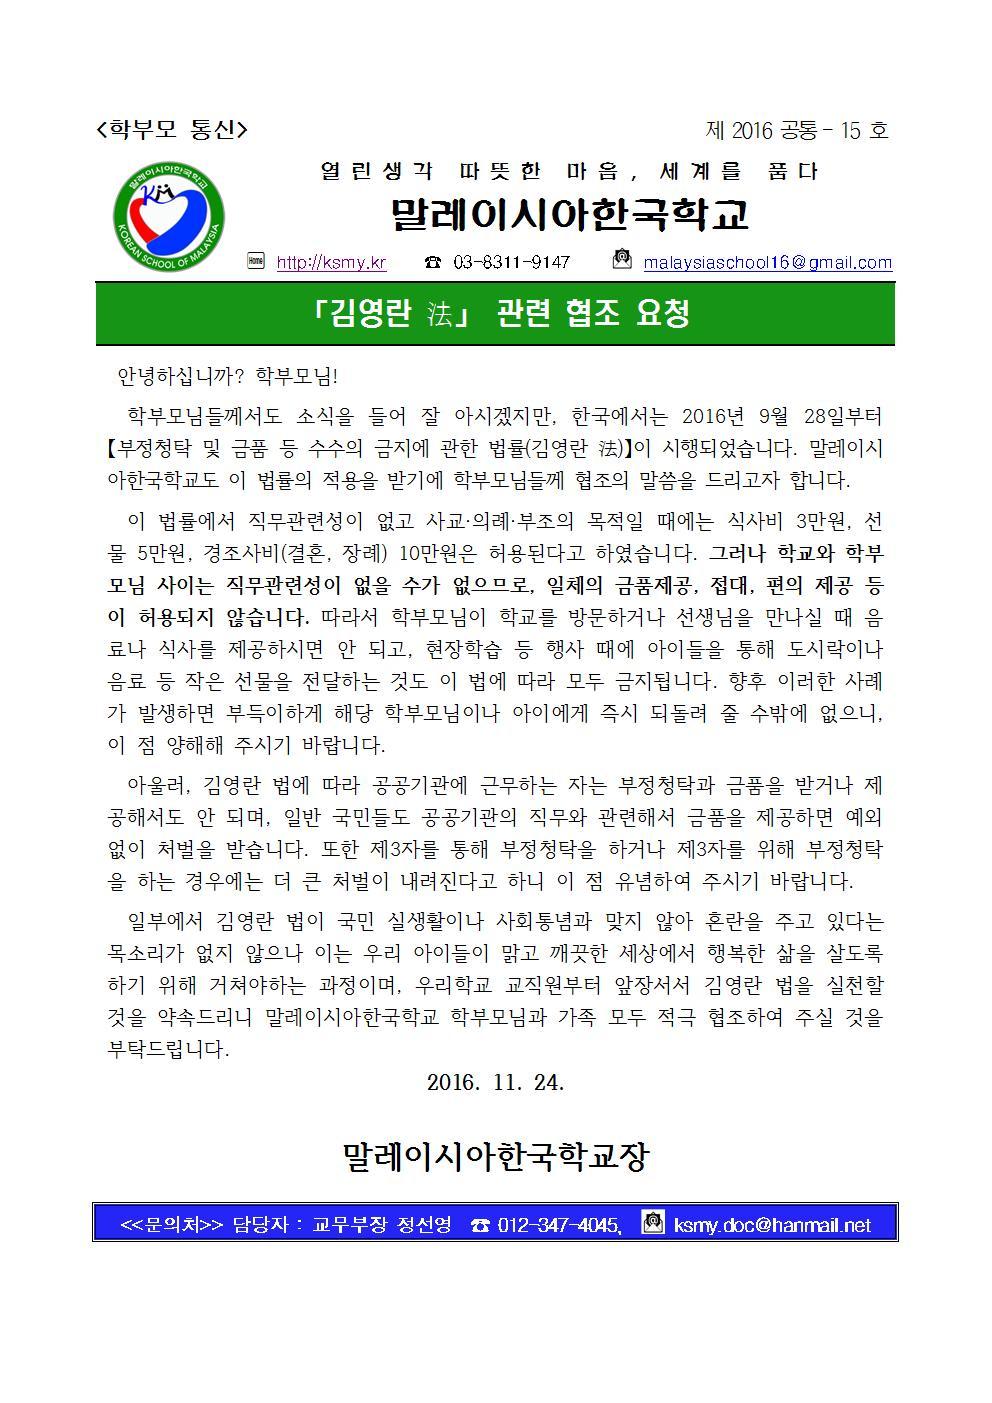 (가통-2016-15) 김영란법 관련 학부모님 협조 요청001.jpg